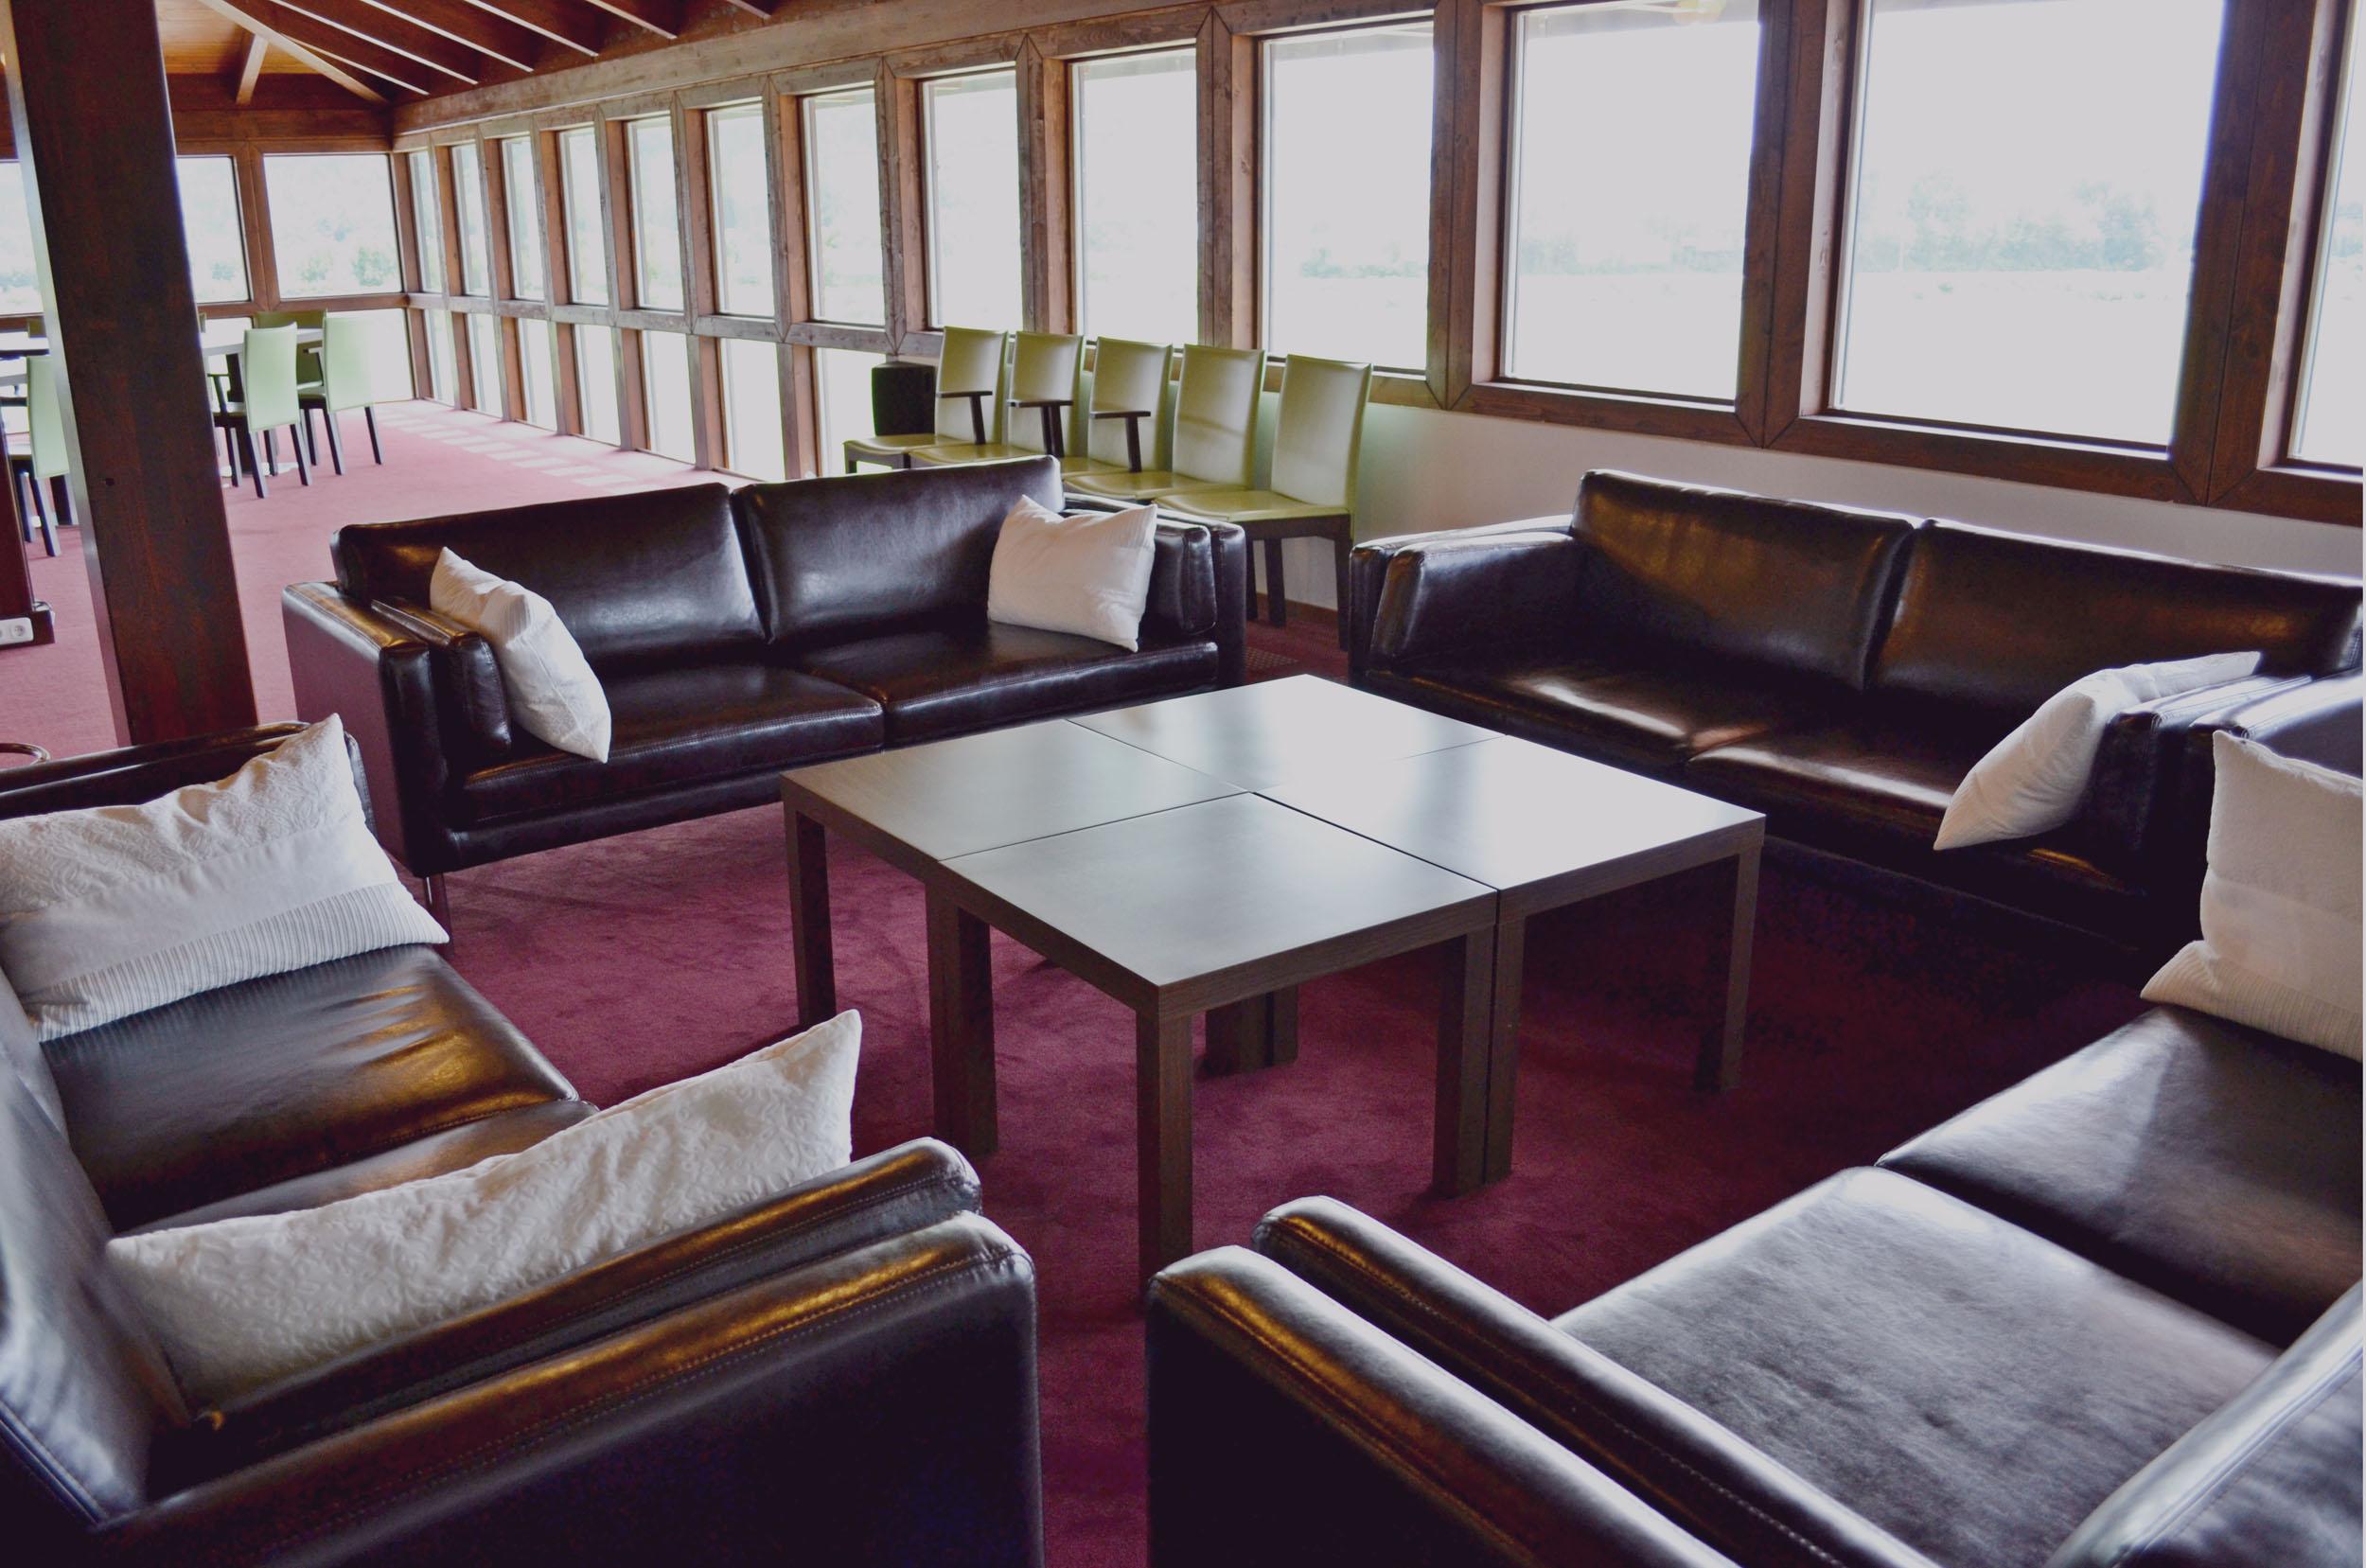 Eine gemütliche Sitzlounge im Hotel mit Seminarguide in Kärnten